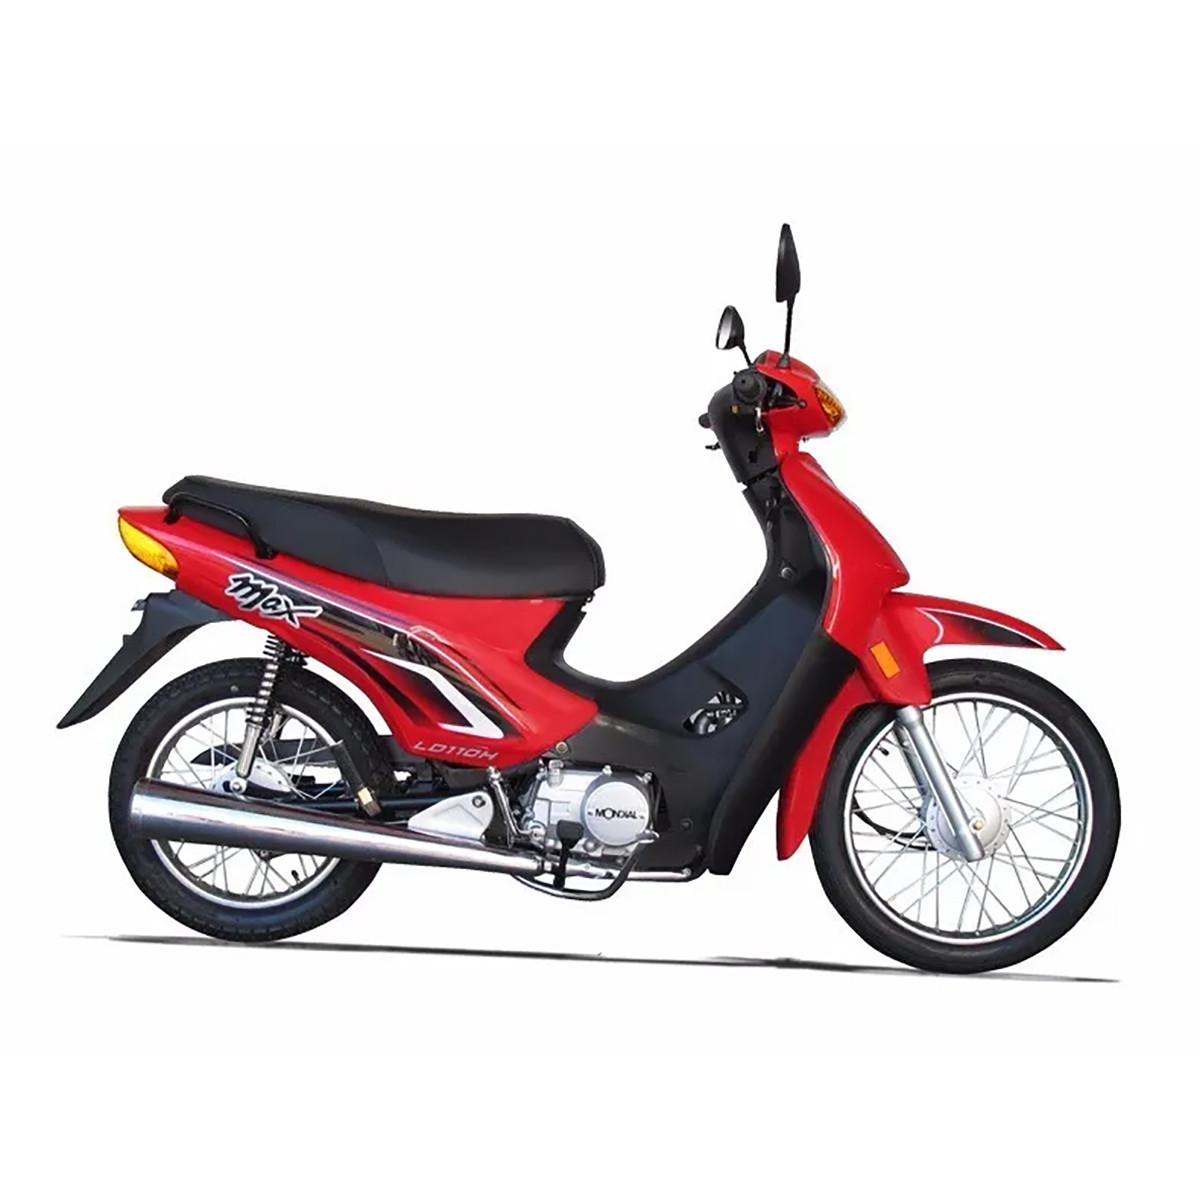 LD 110 Max